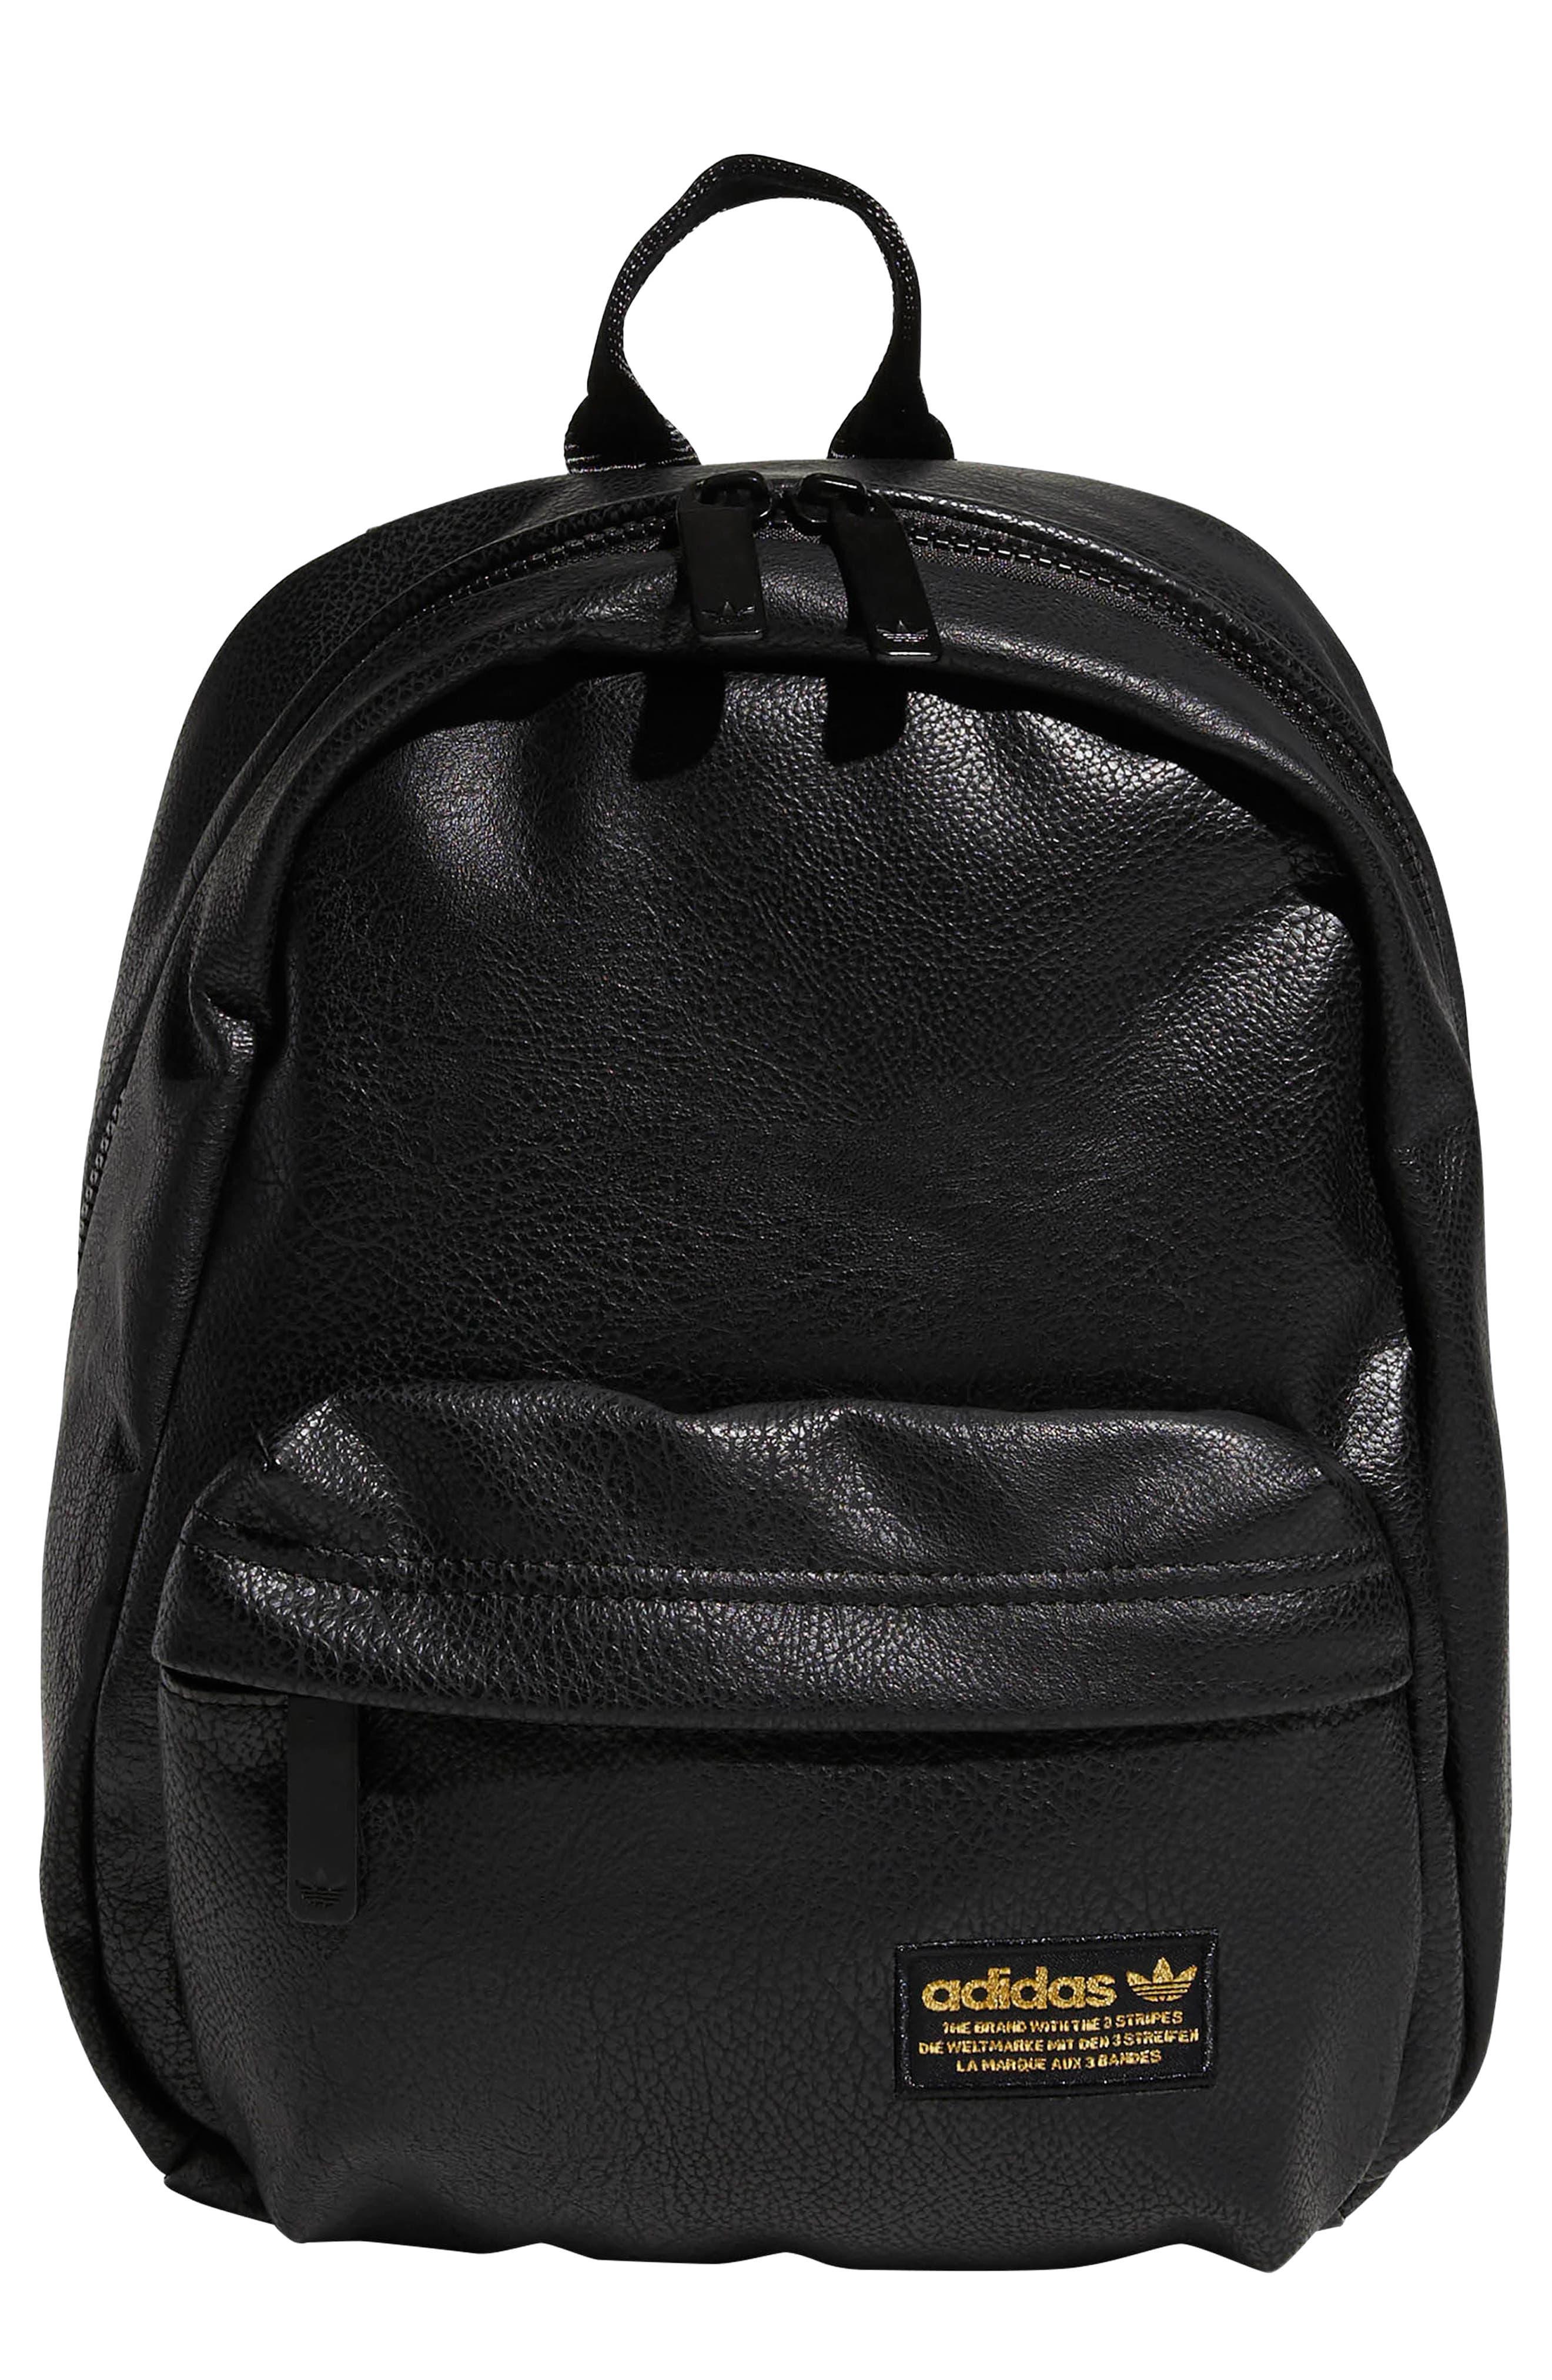 ADIDAS ORIGINALS, National Compact Backpack, Main thumbnail 1, color, 001